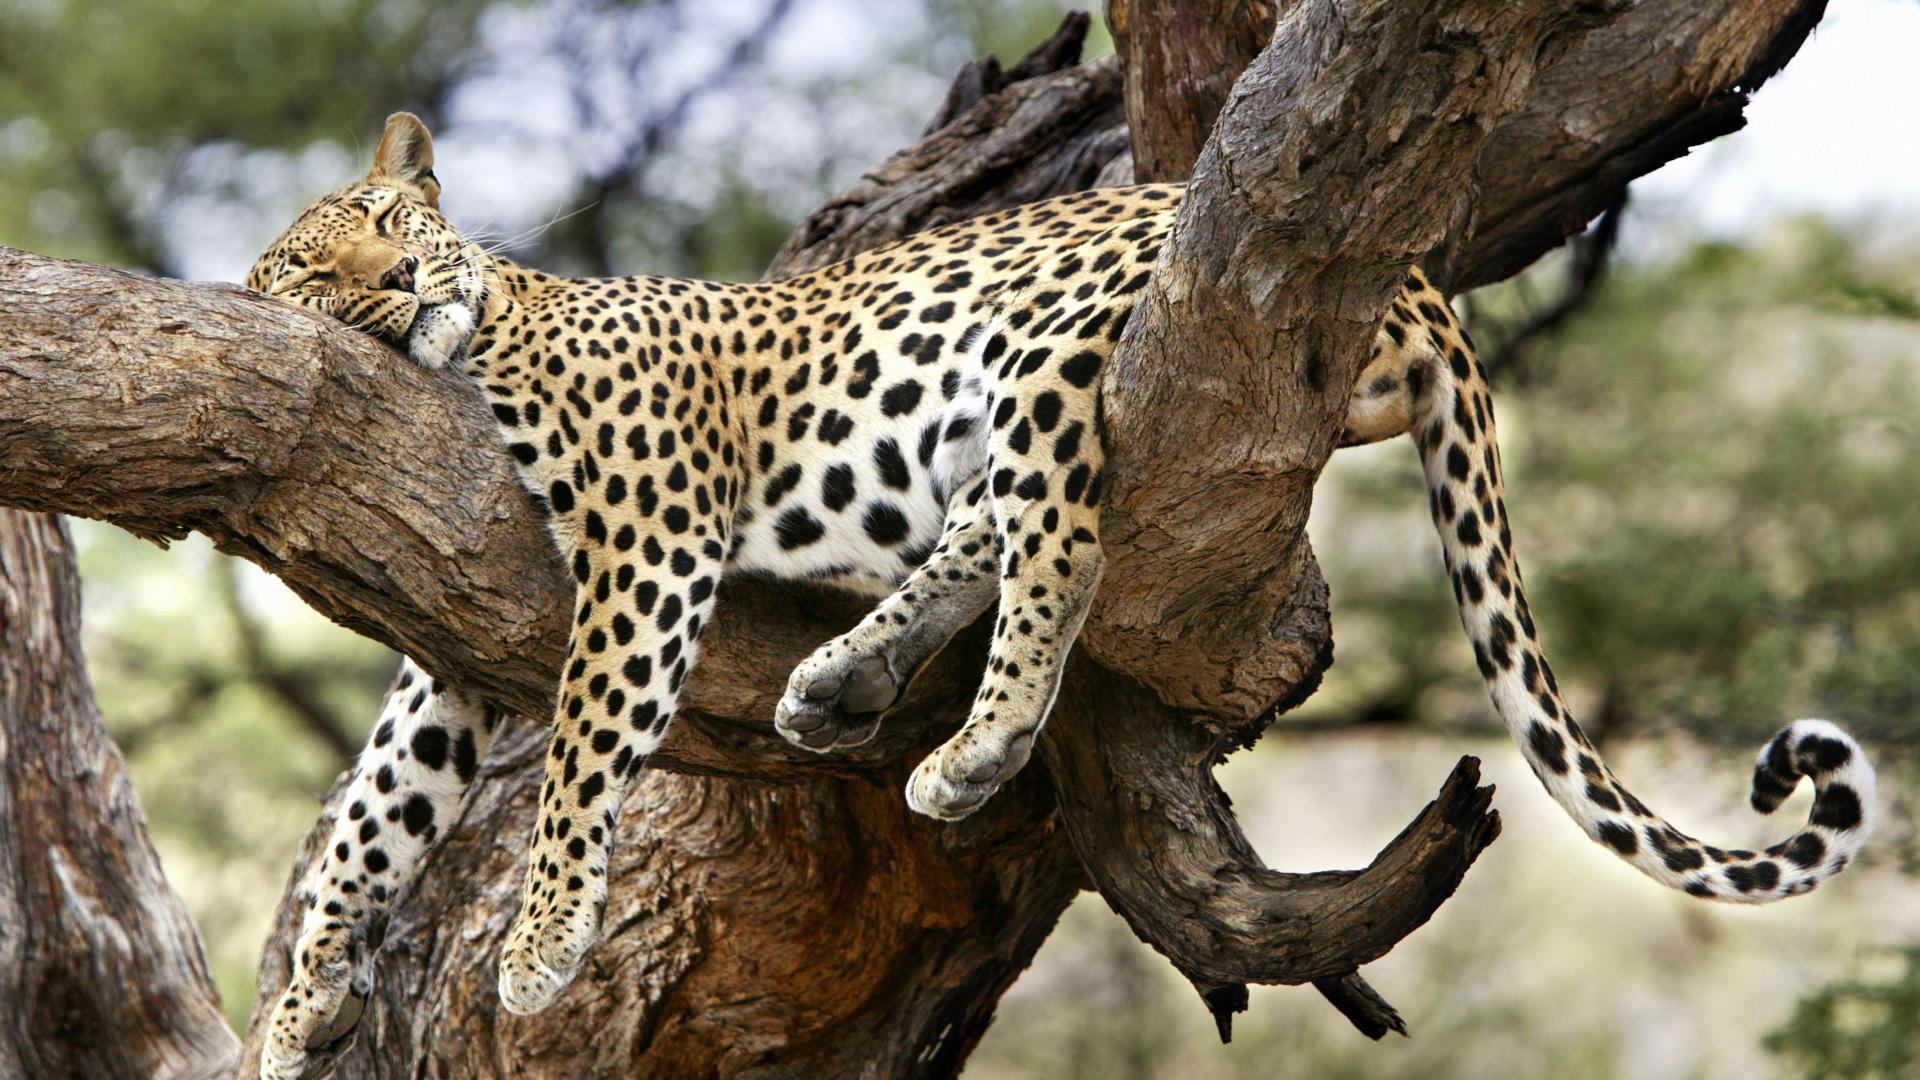 leopard wallpaper hd